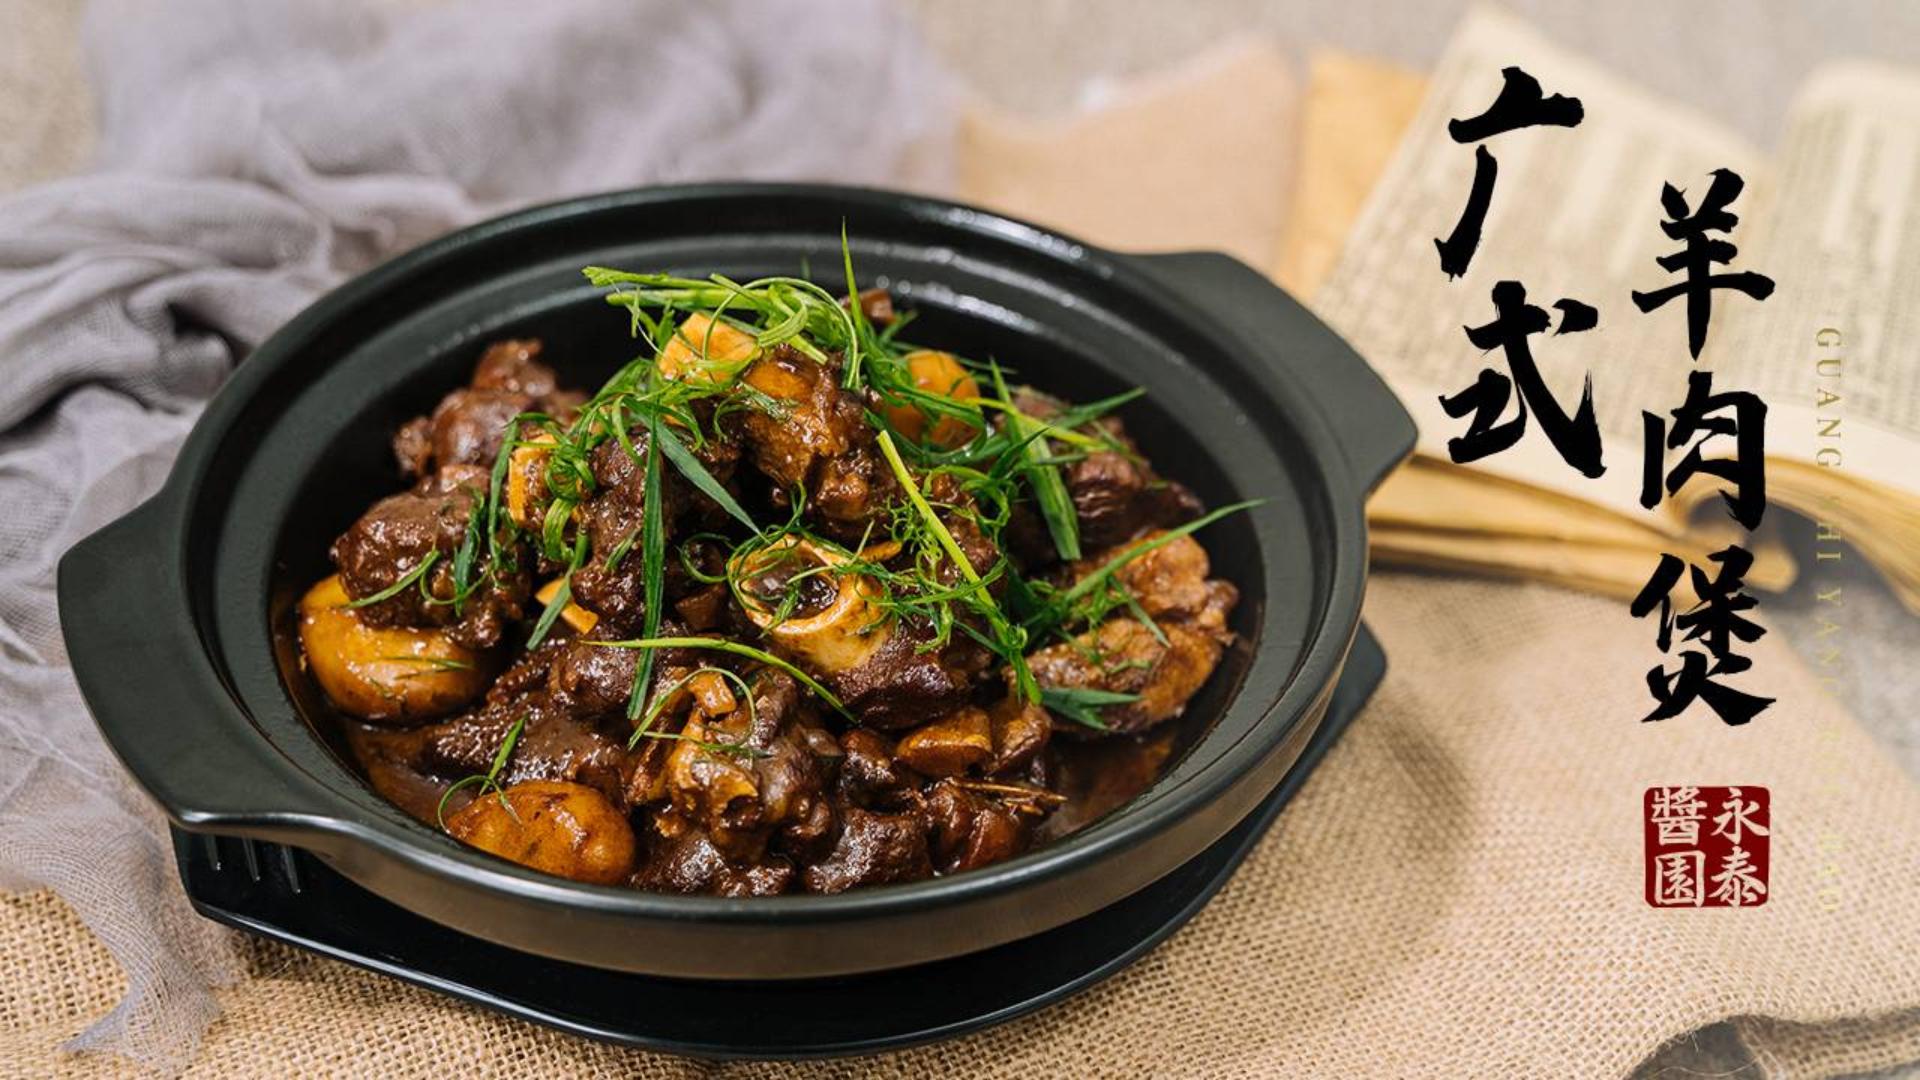 【广式羊肉煲】冬日的羊肉最鲜美,用最正宗的广式羊肉做法教你处理羊肉!